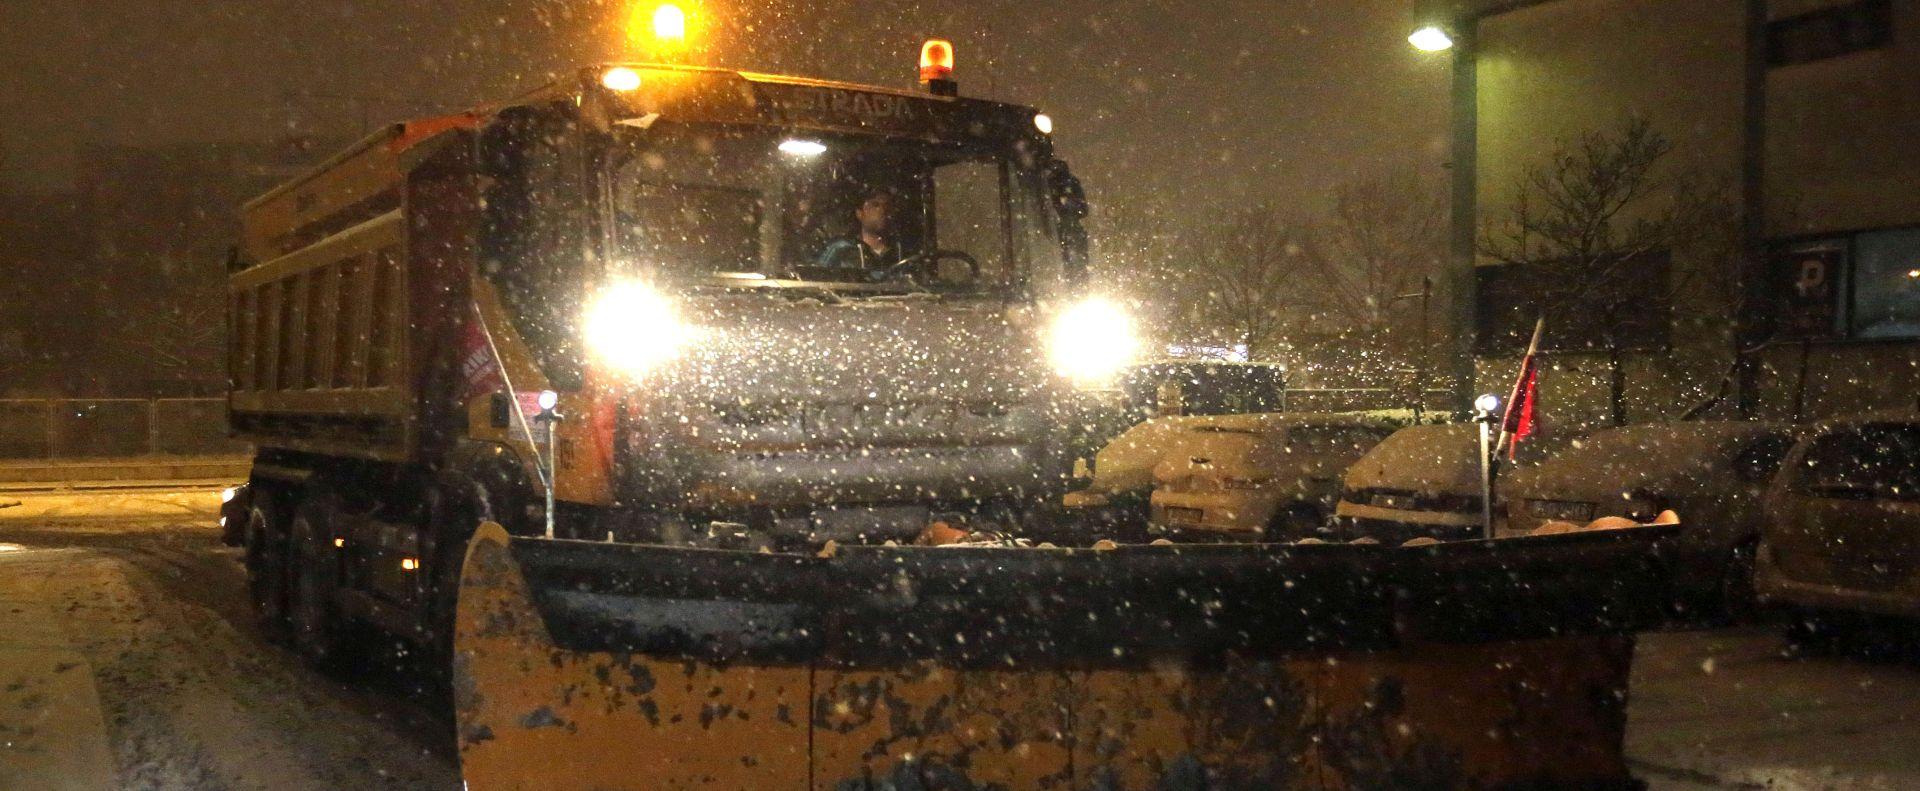 Zagreb šalje Delnicama frezu za čišćenje snijega